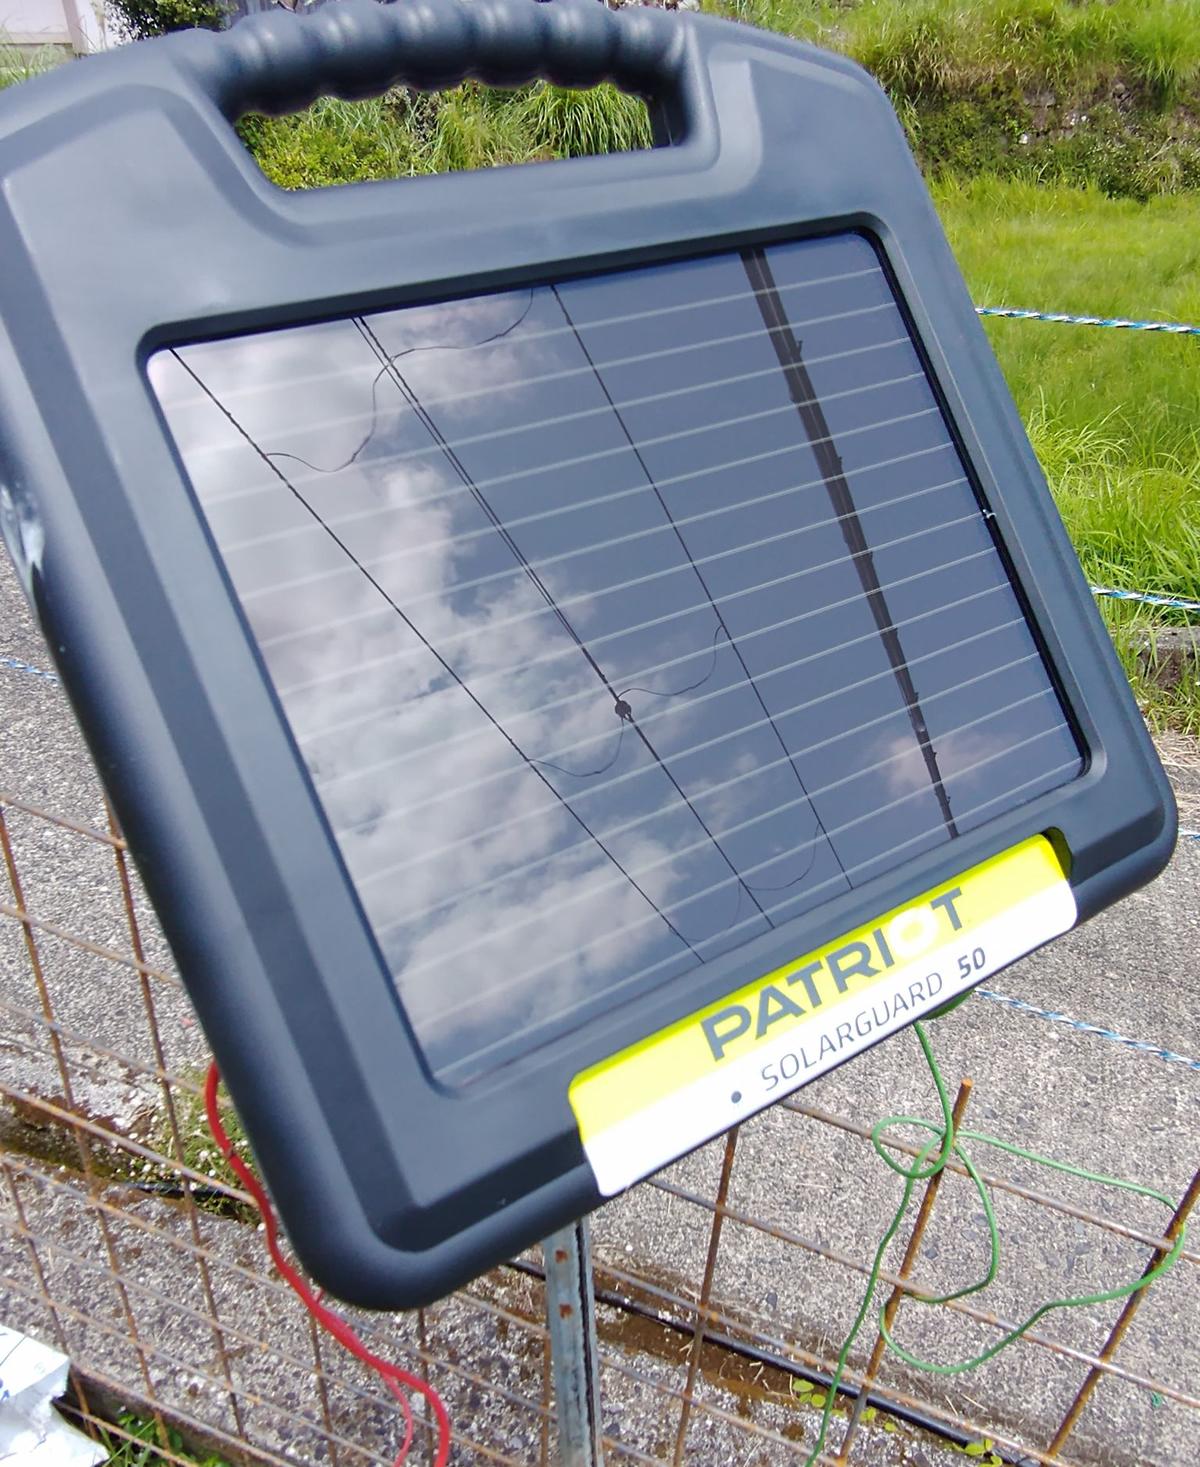 電柵用のソーラーパネルの画像